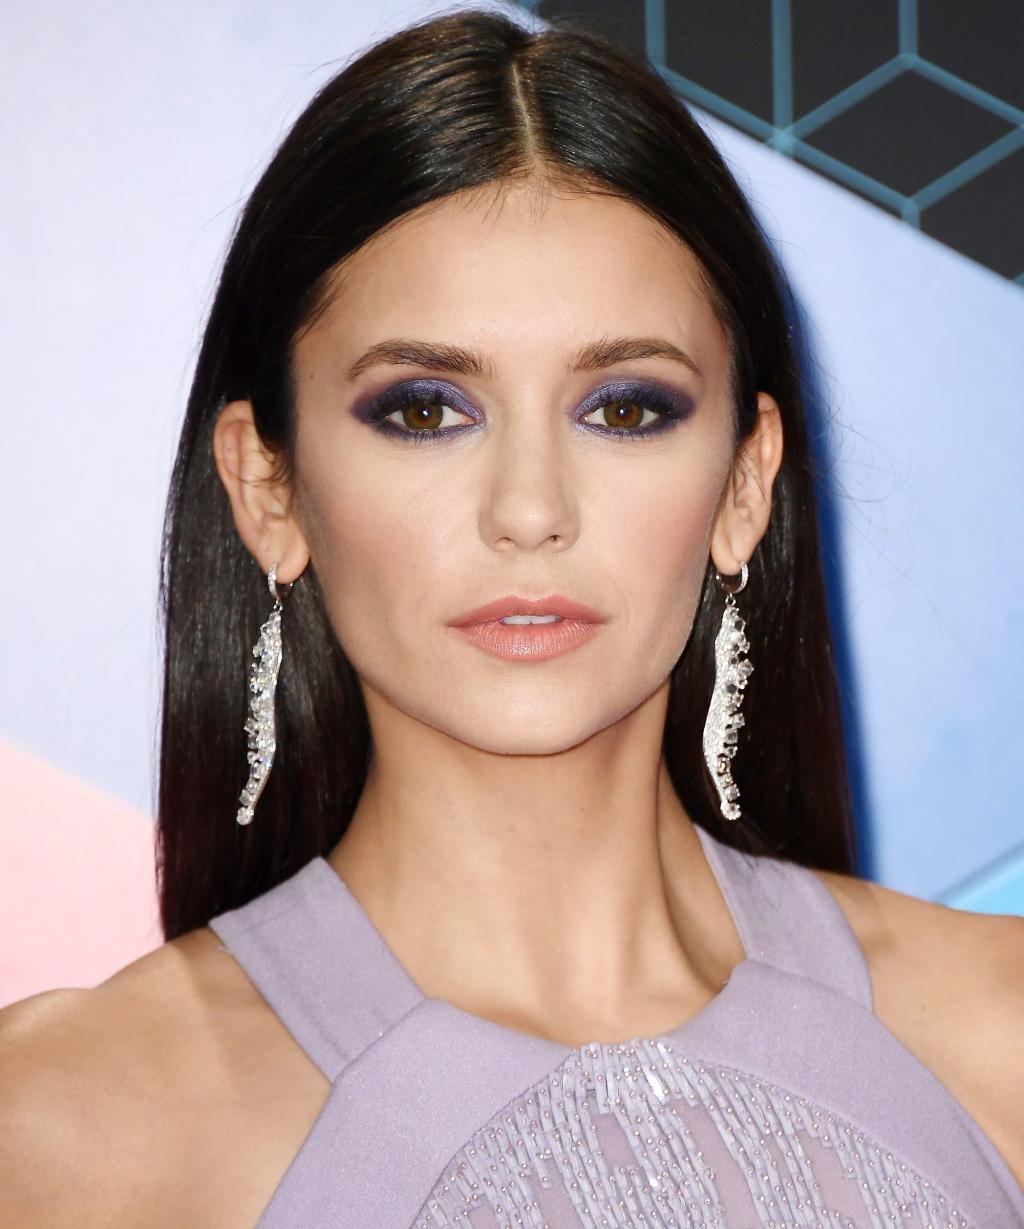 El maquillaje puede realmente transformar tu cara. 21